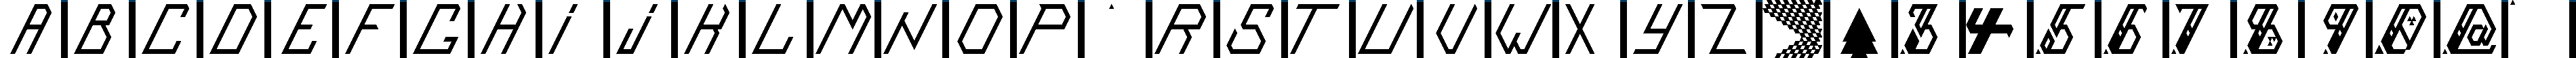 Particip-a-type v.311